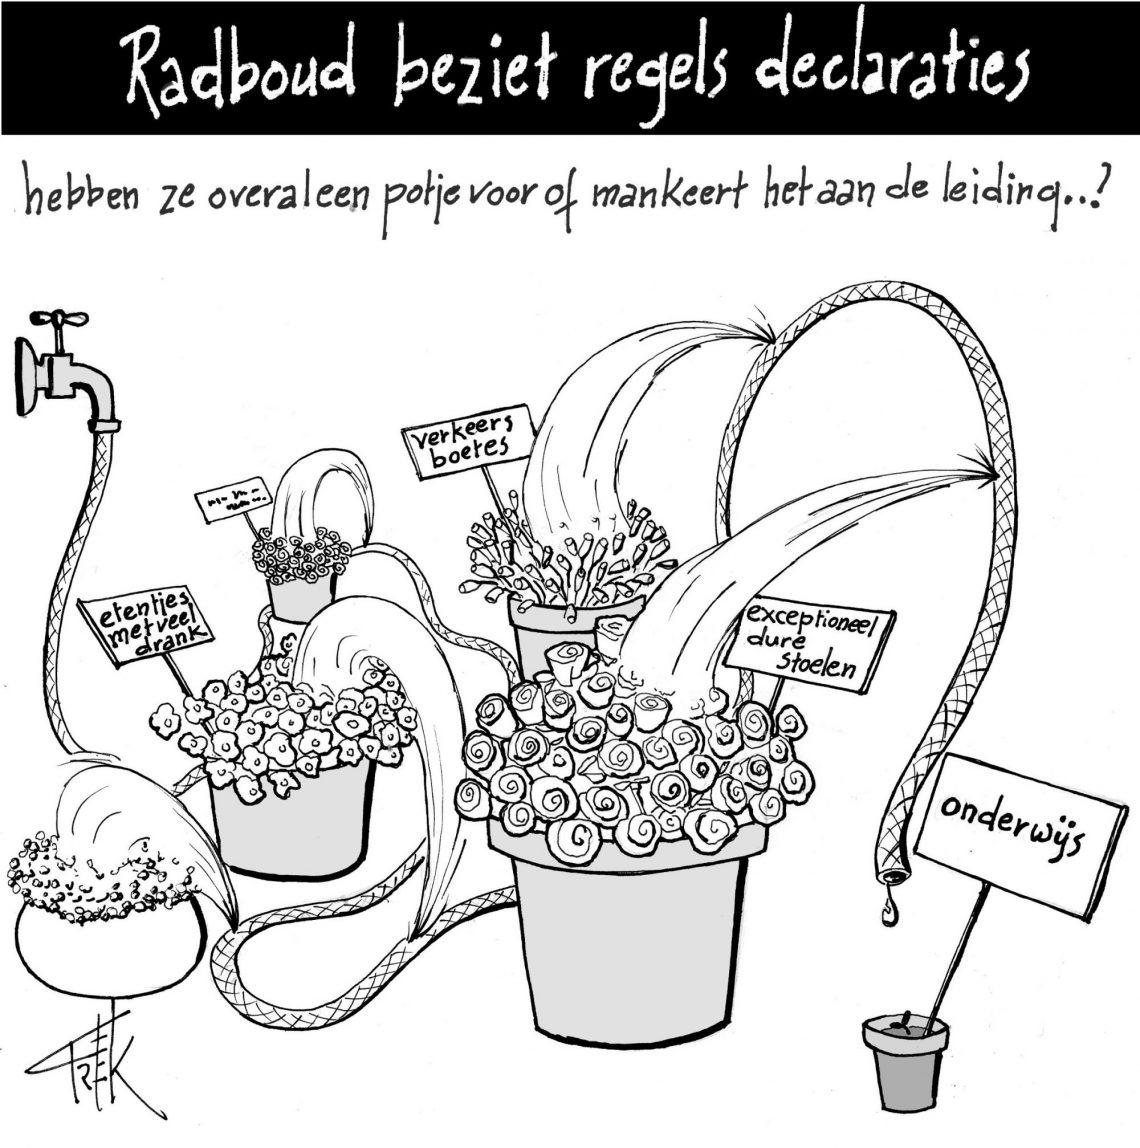 Radboud beziet regels declaraties